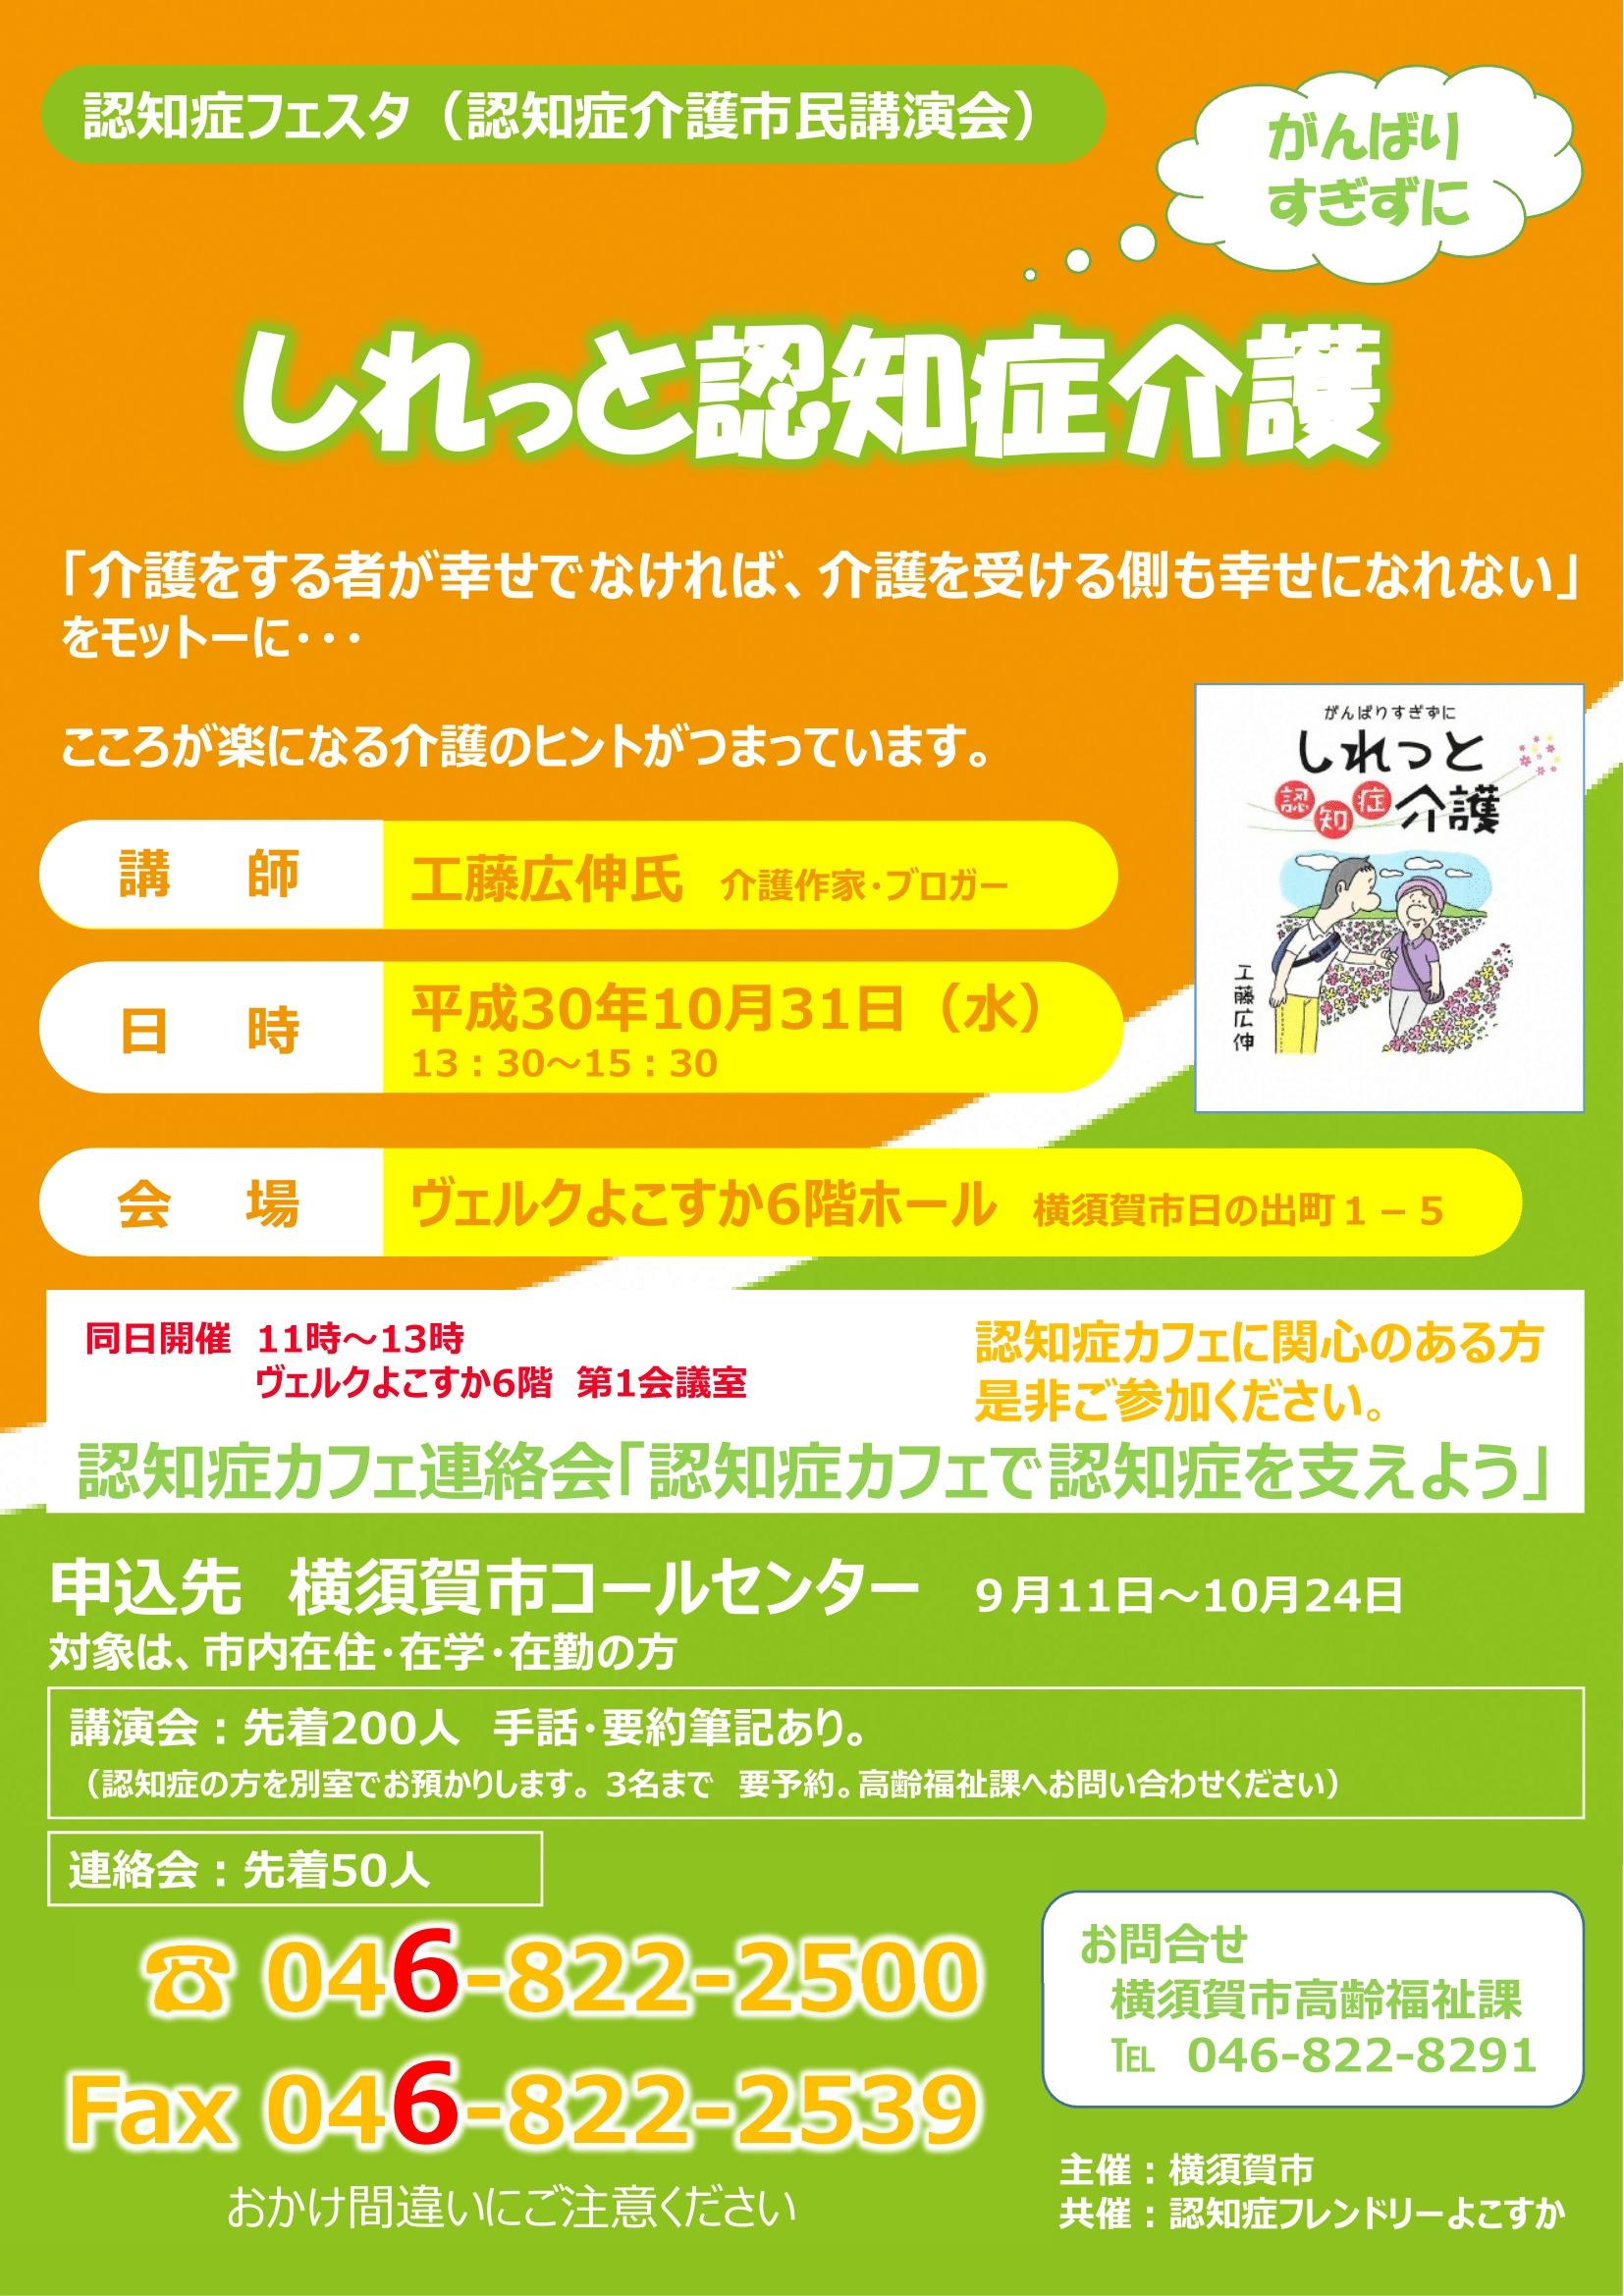 神奈川県横須賀市認知症介護講演会